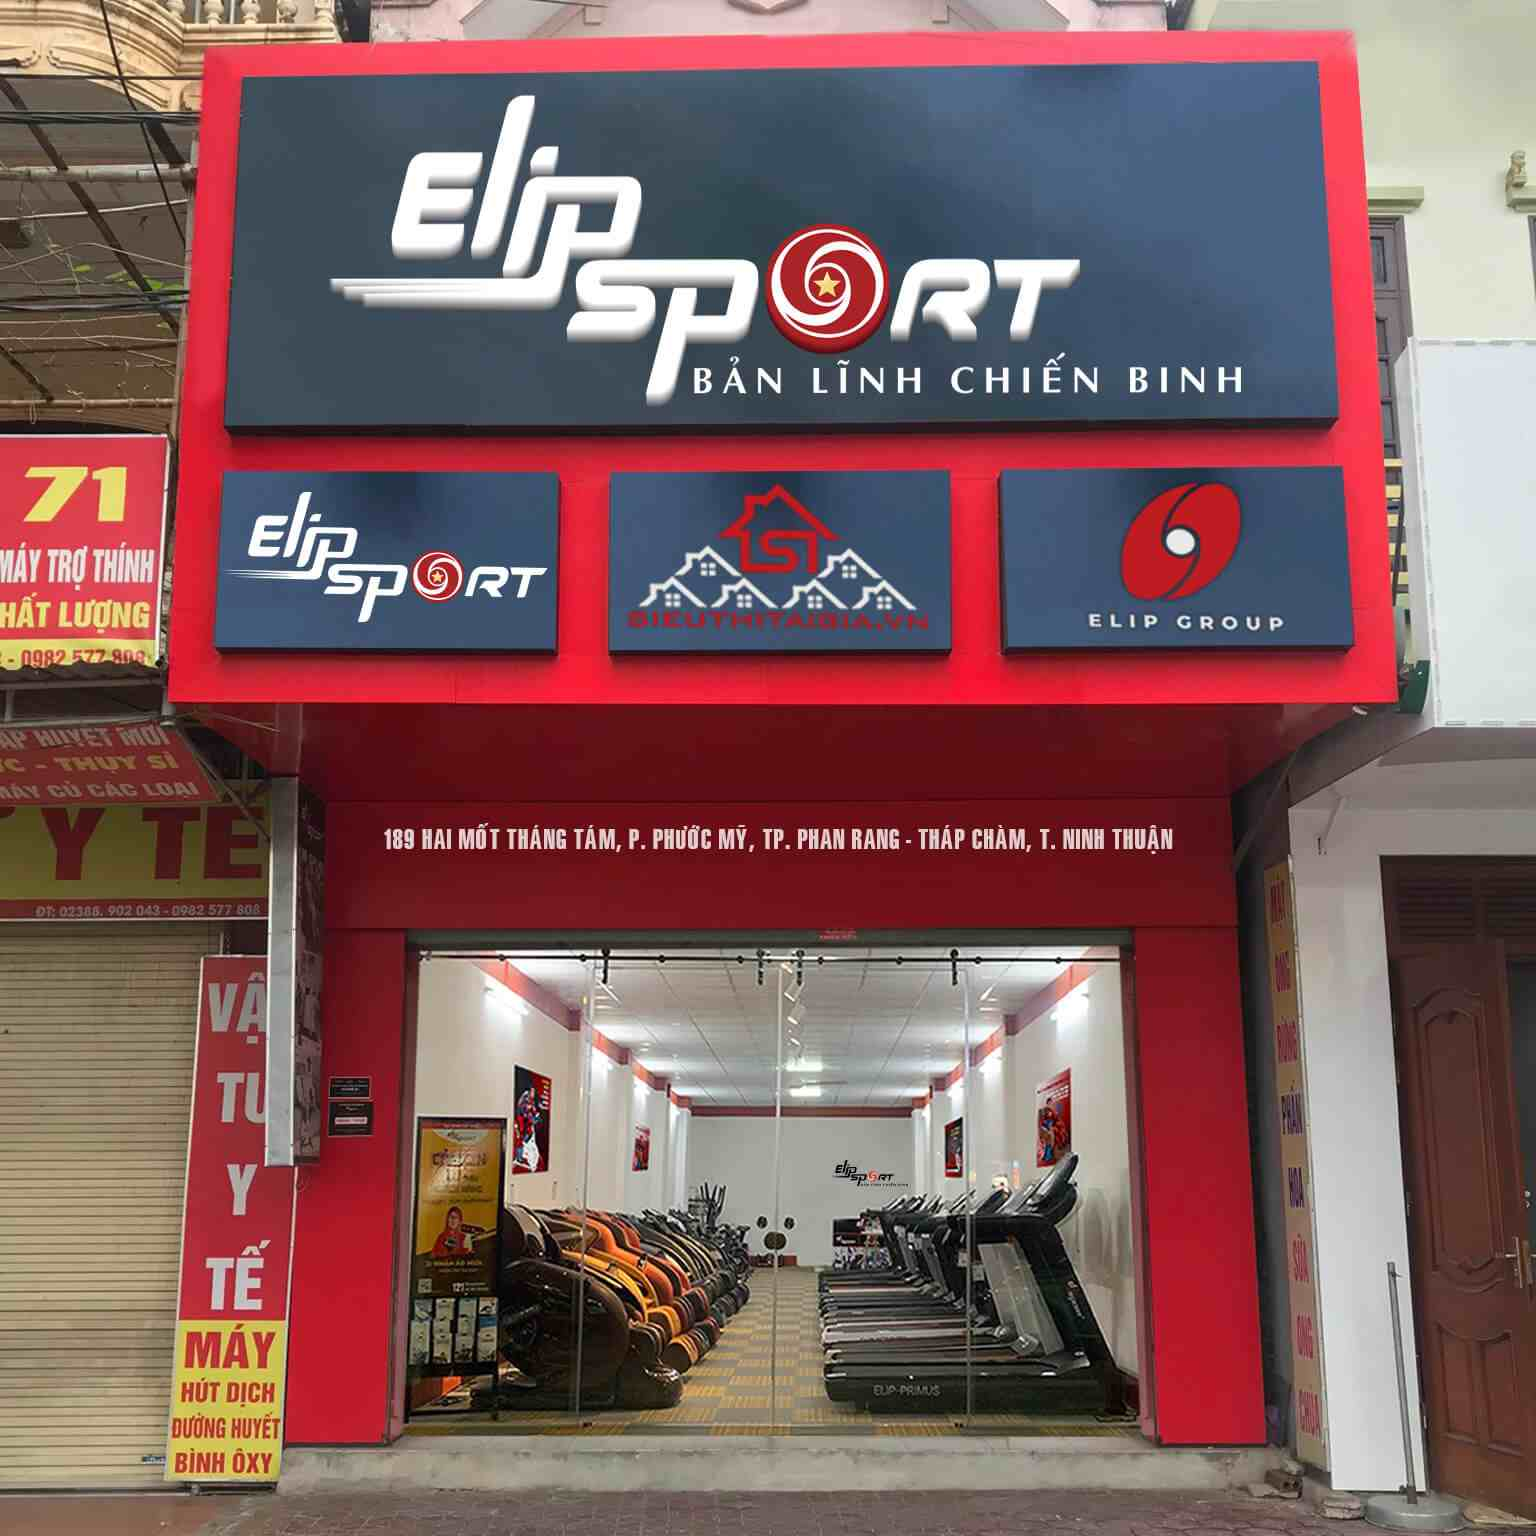 Hình ảnh của chi nhánh Elipsport Ninh Thuận